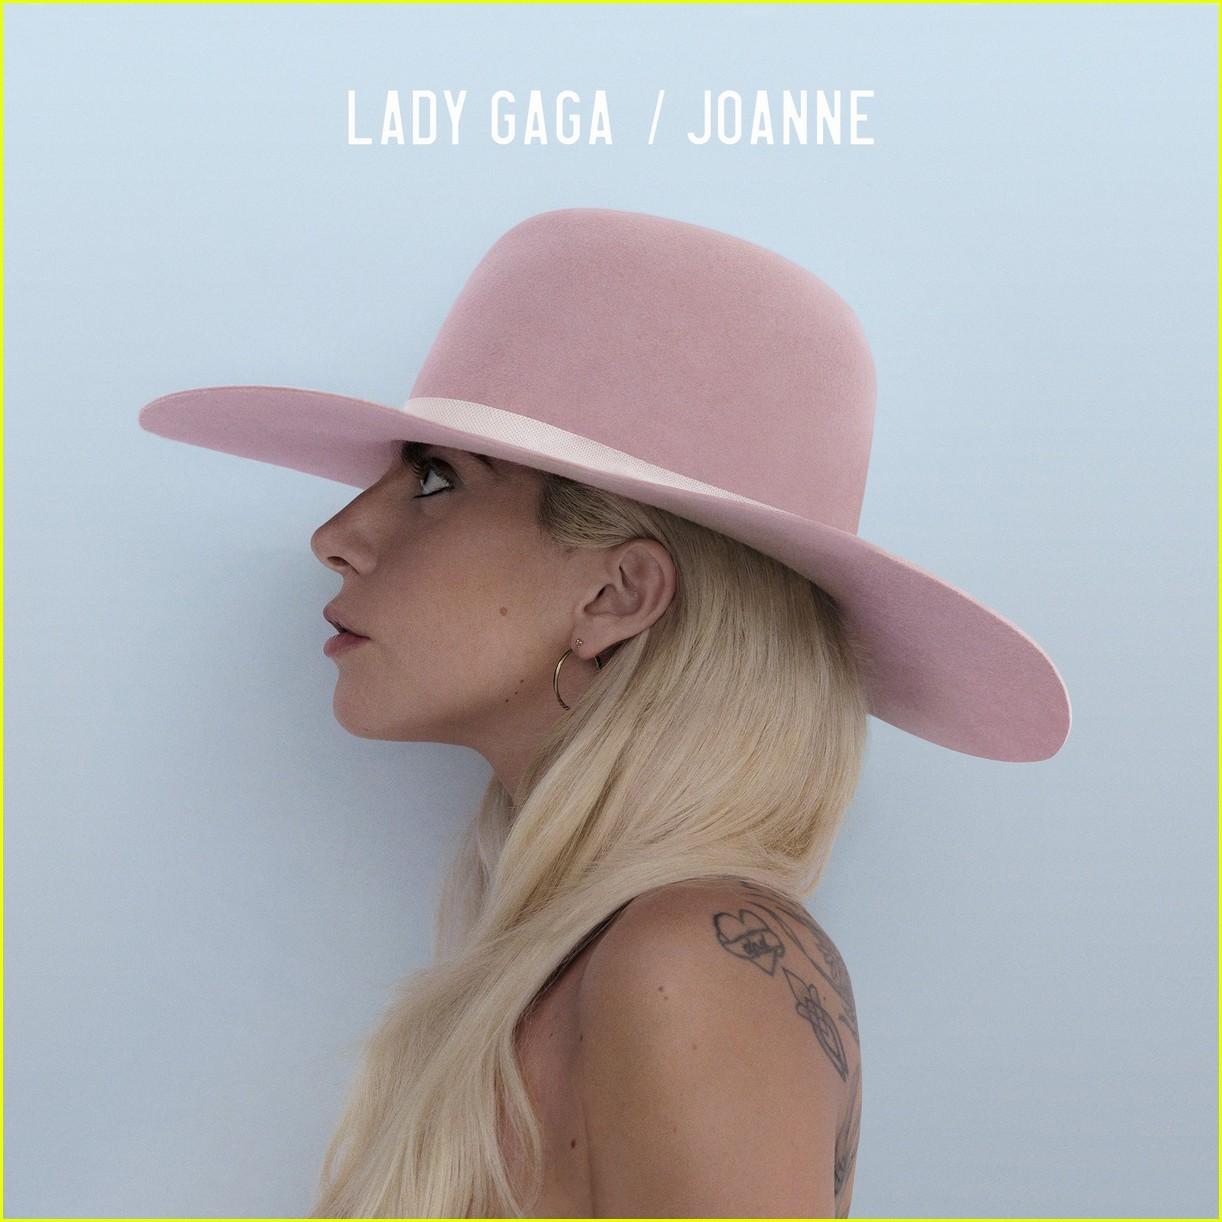 lady gaga joanne tracklisting 01